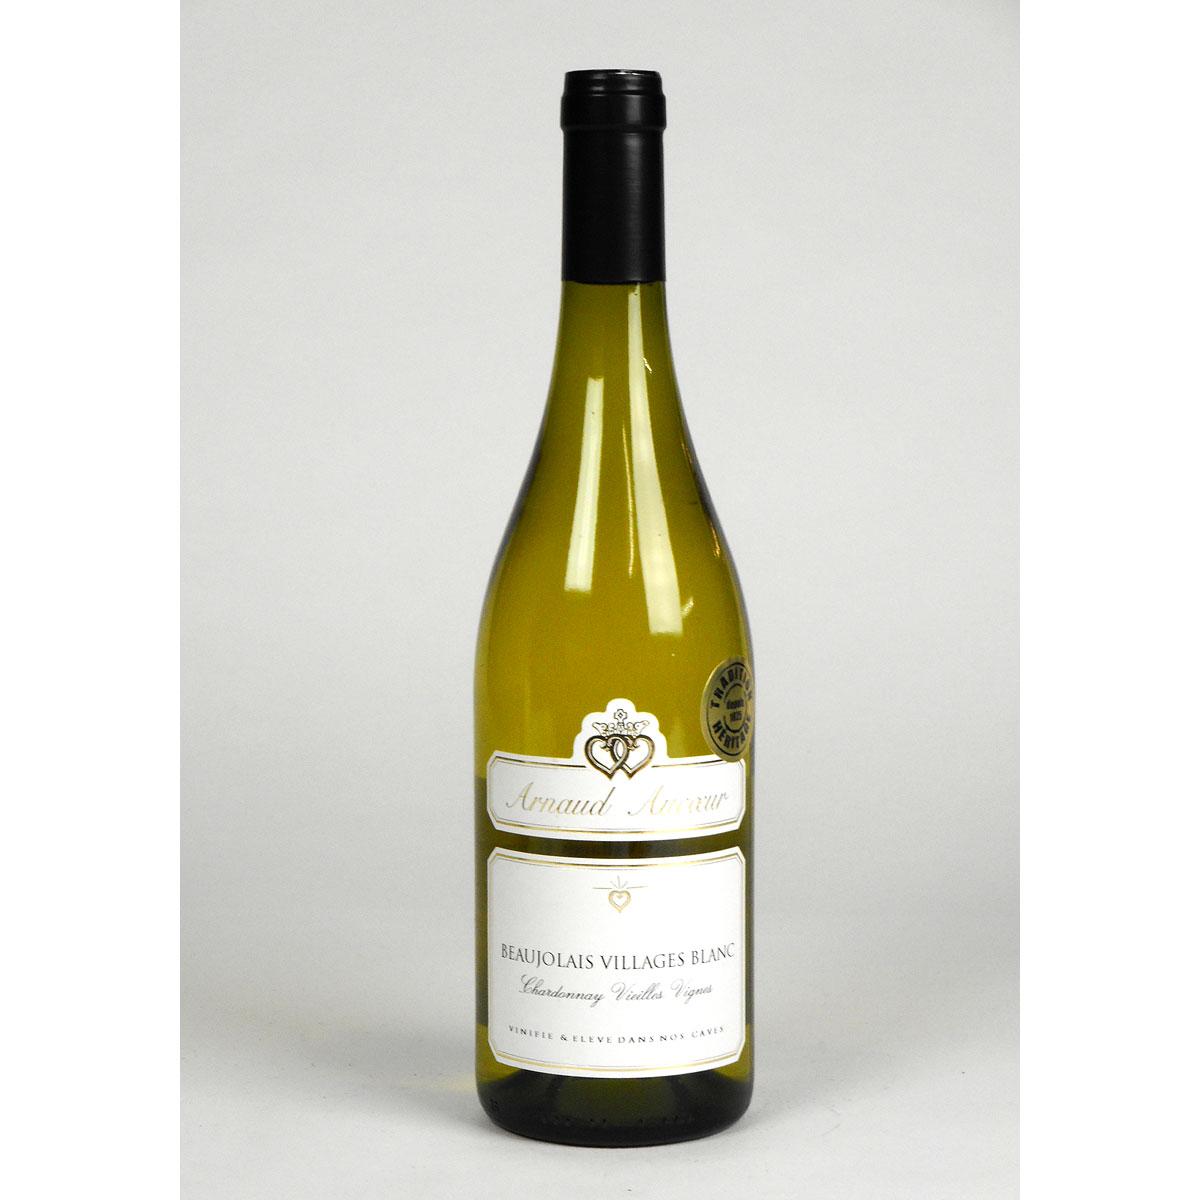 Beaujolais Villages: Arnaud Aucoeur 'Vieilles Vignes' Blanc 2018 - Bottle